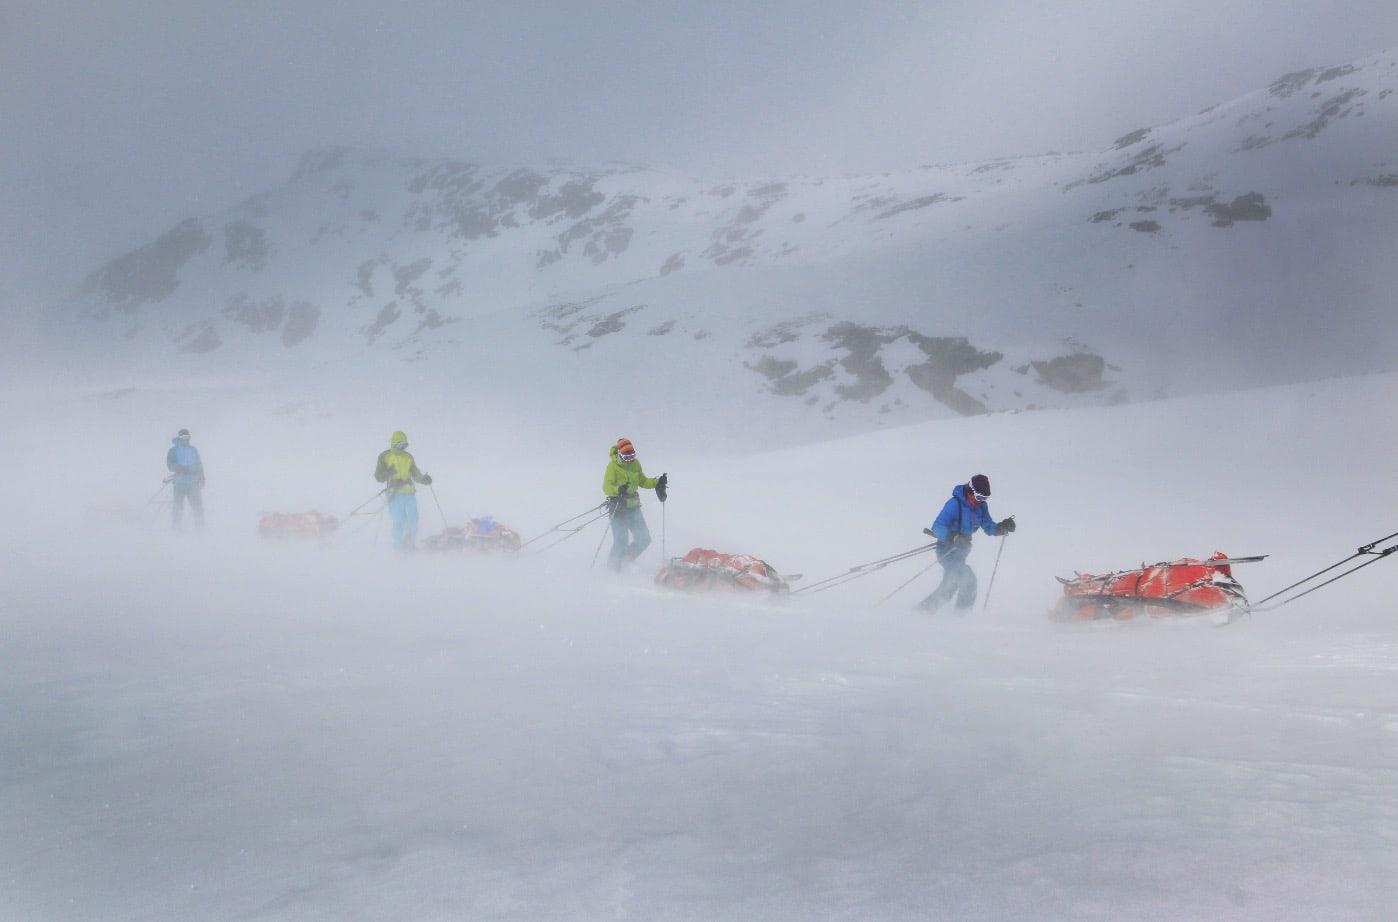 JOTNENES RIKE: I 2014 fikk deltagerne kjenne på vær og vind på turen opp til Uranostind 2.157 moh i Jotunheimen, på grensen mellom Oppland og Sogn og Fjordane.